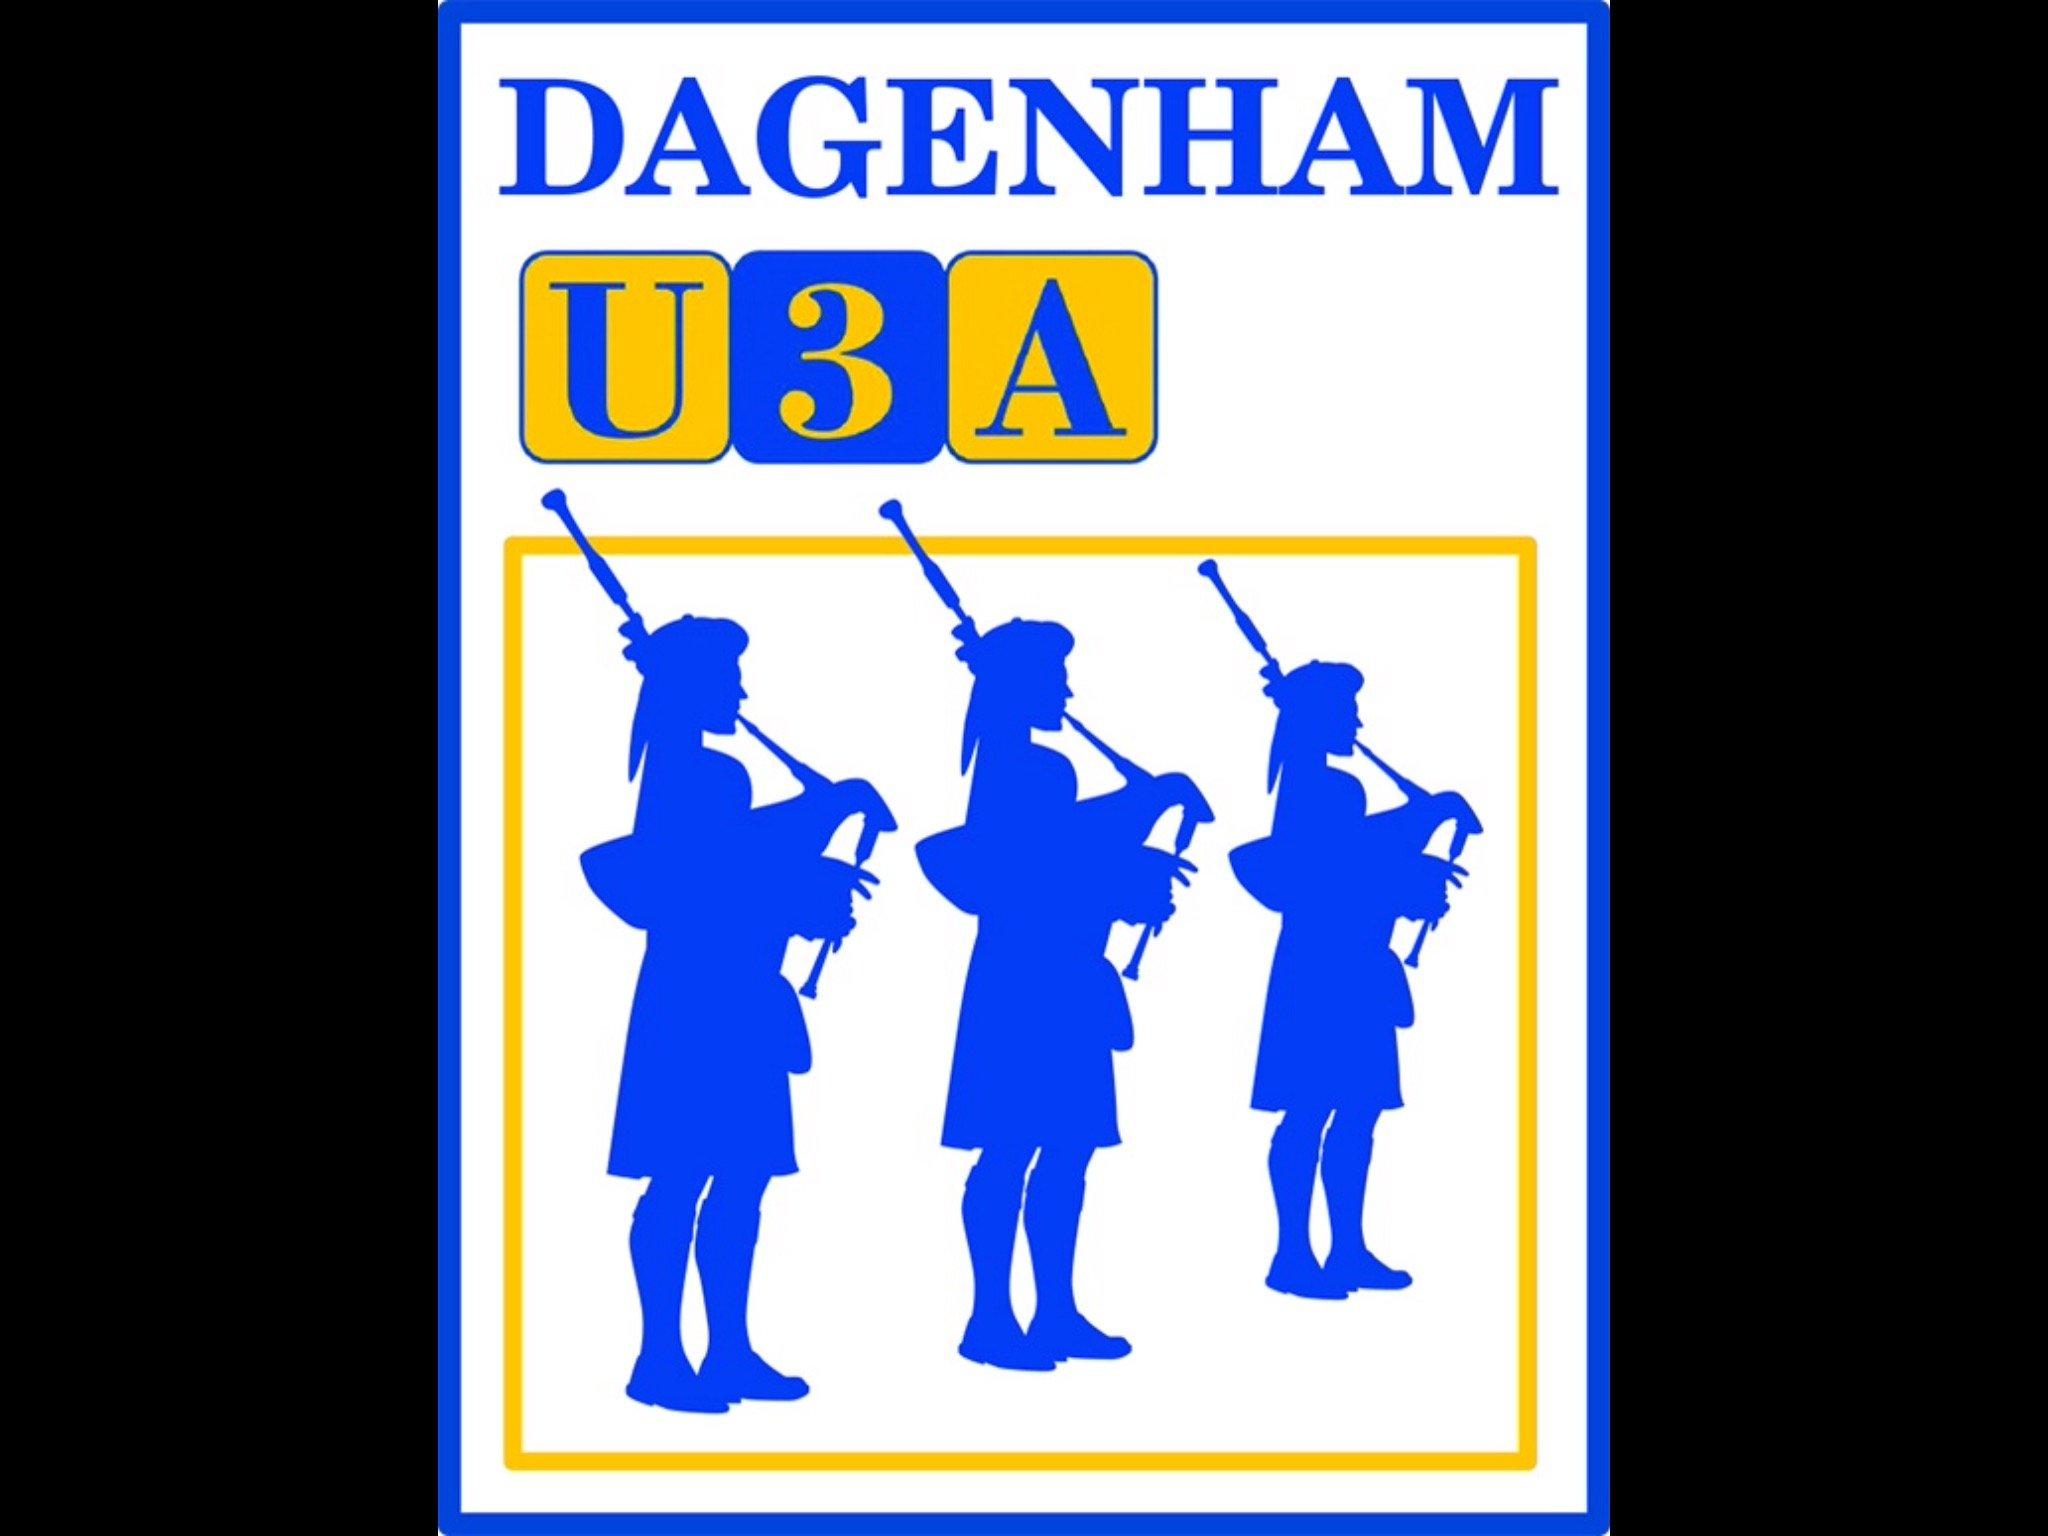 589d8d32389 Dagenham U3A (@DagenhamU3A)   Twitter